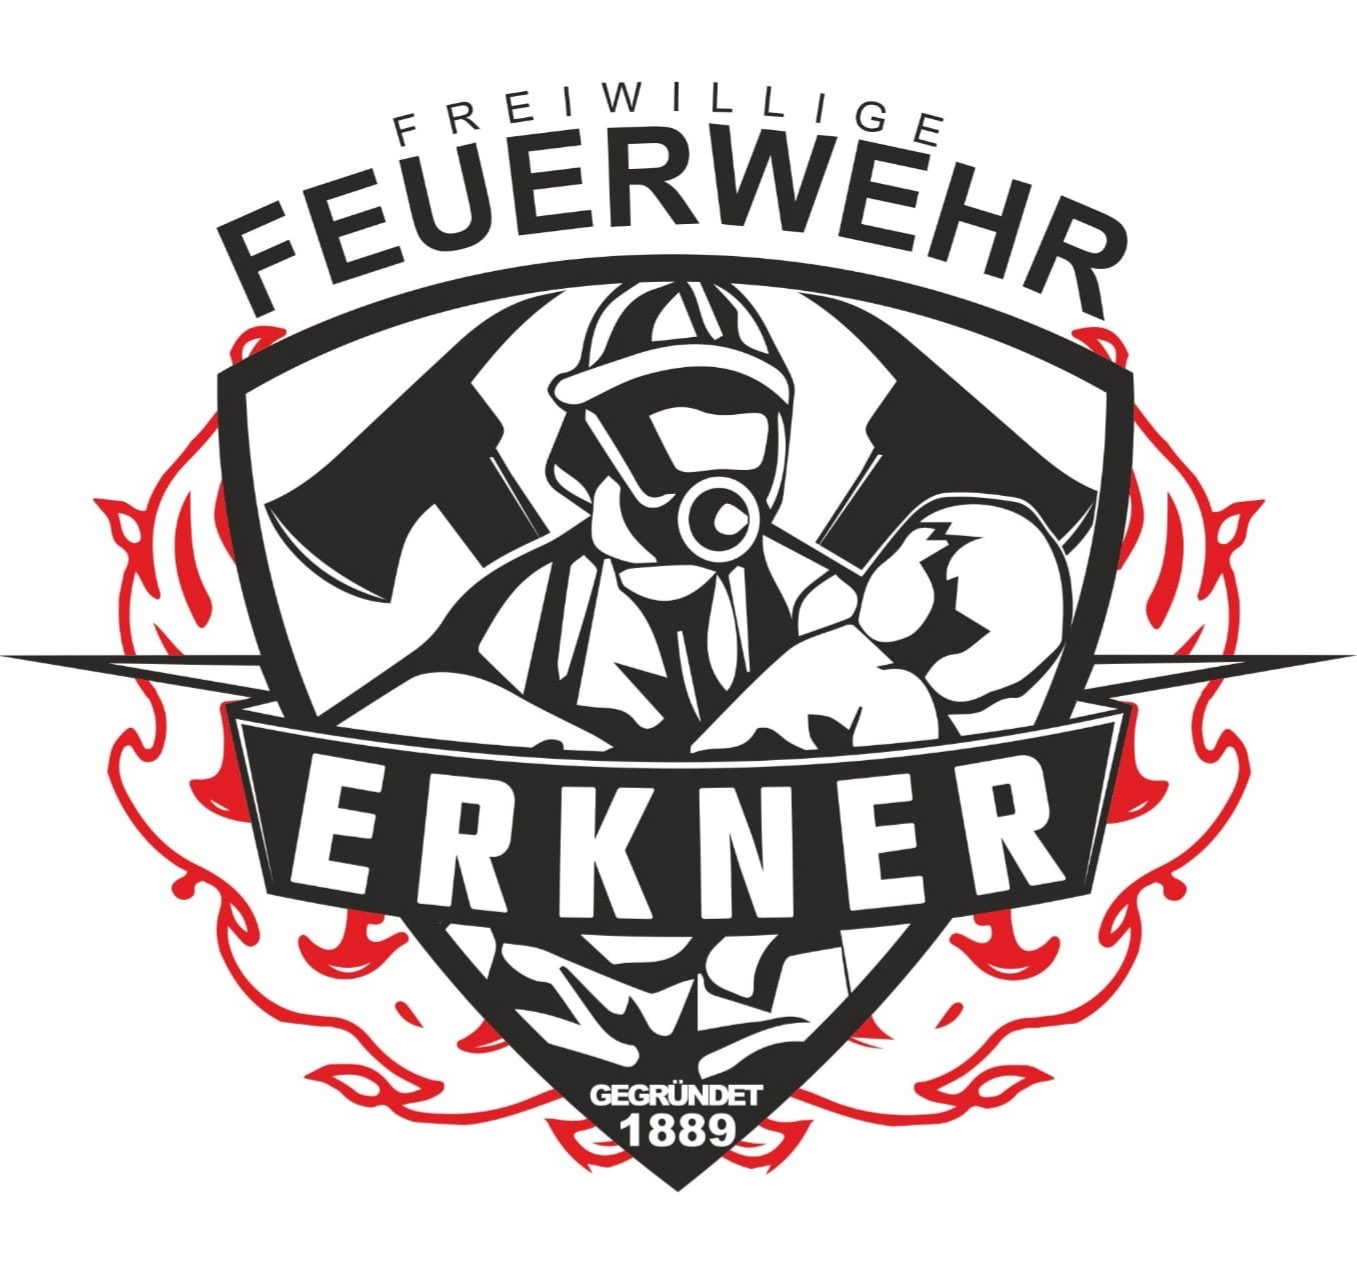 Freiwilligen Feuerwehr Erkner Jahresfreikarten